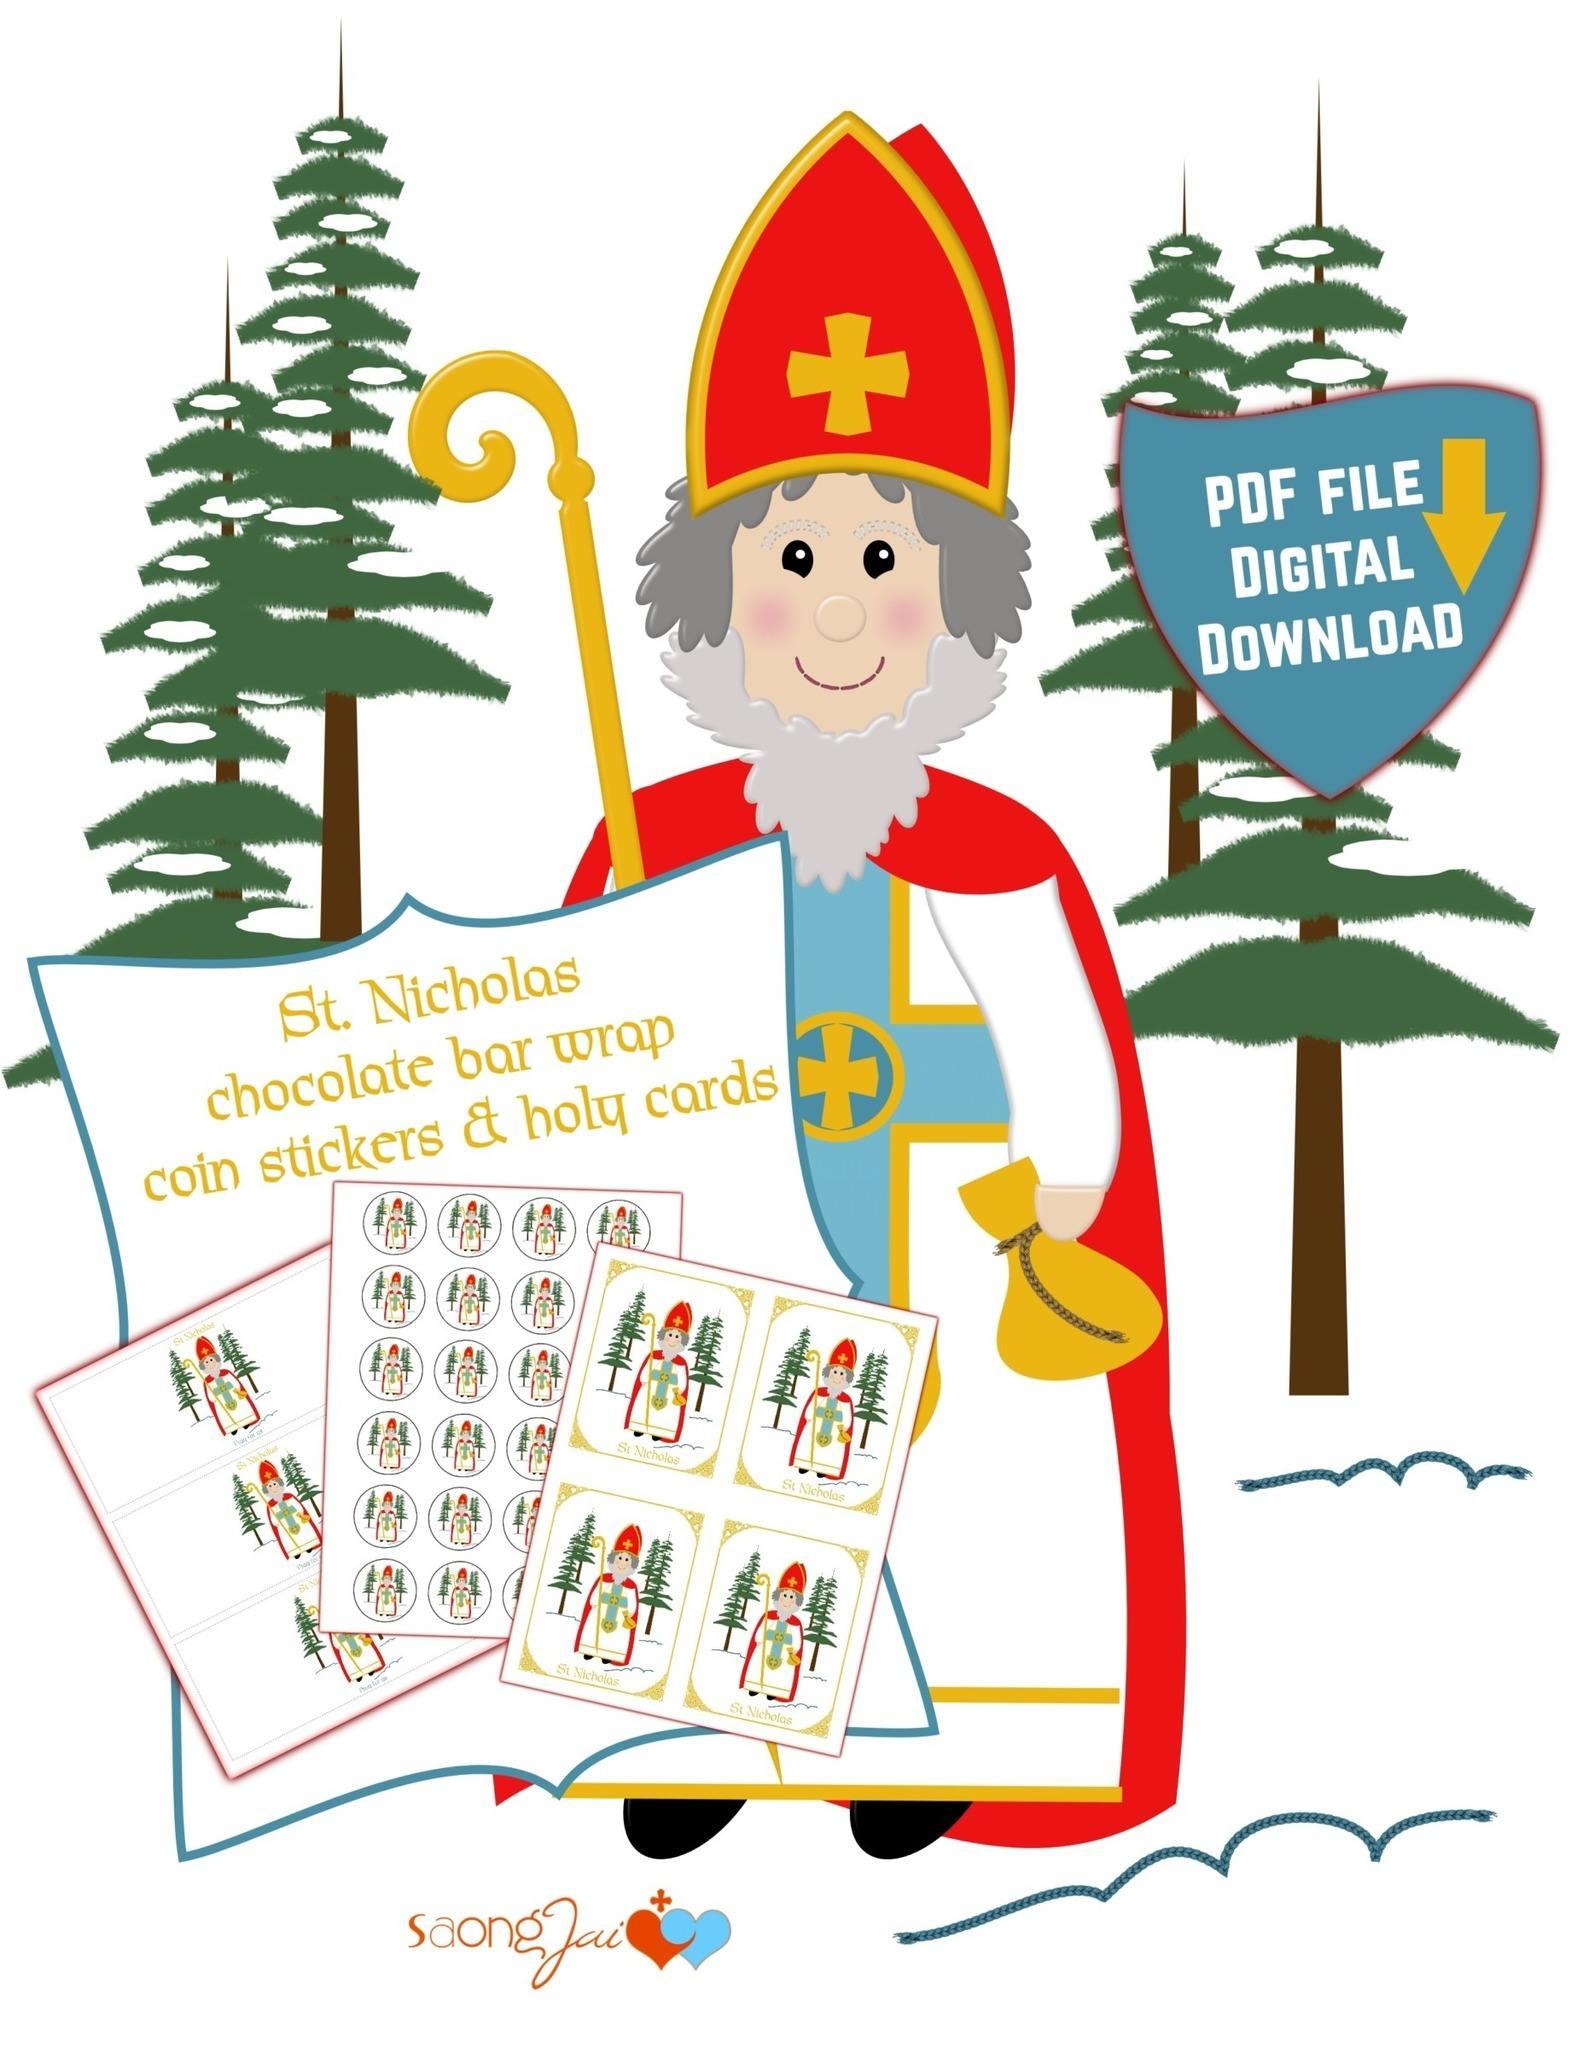 graphic regarding St Nicholas Prayer Printable named St. Nicholas Printable PDF